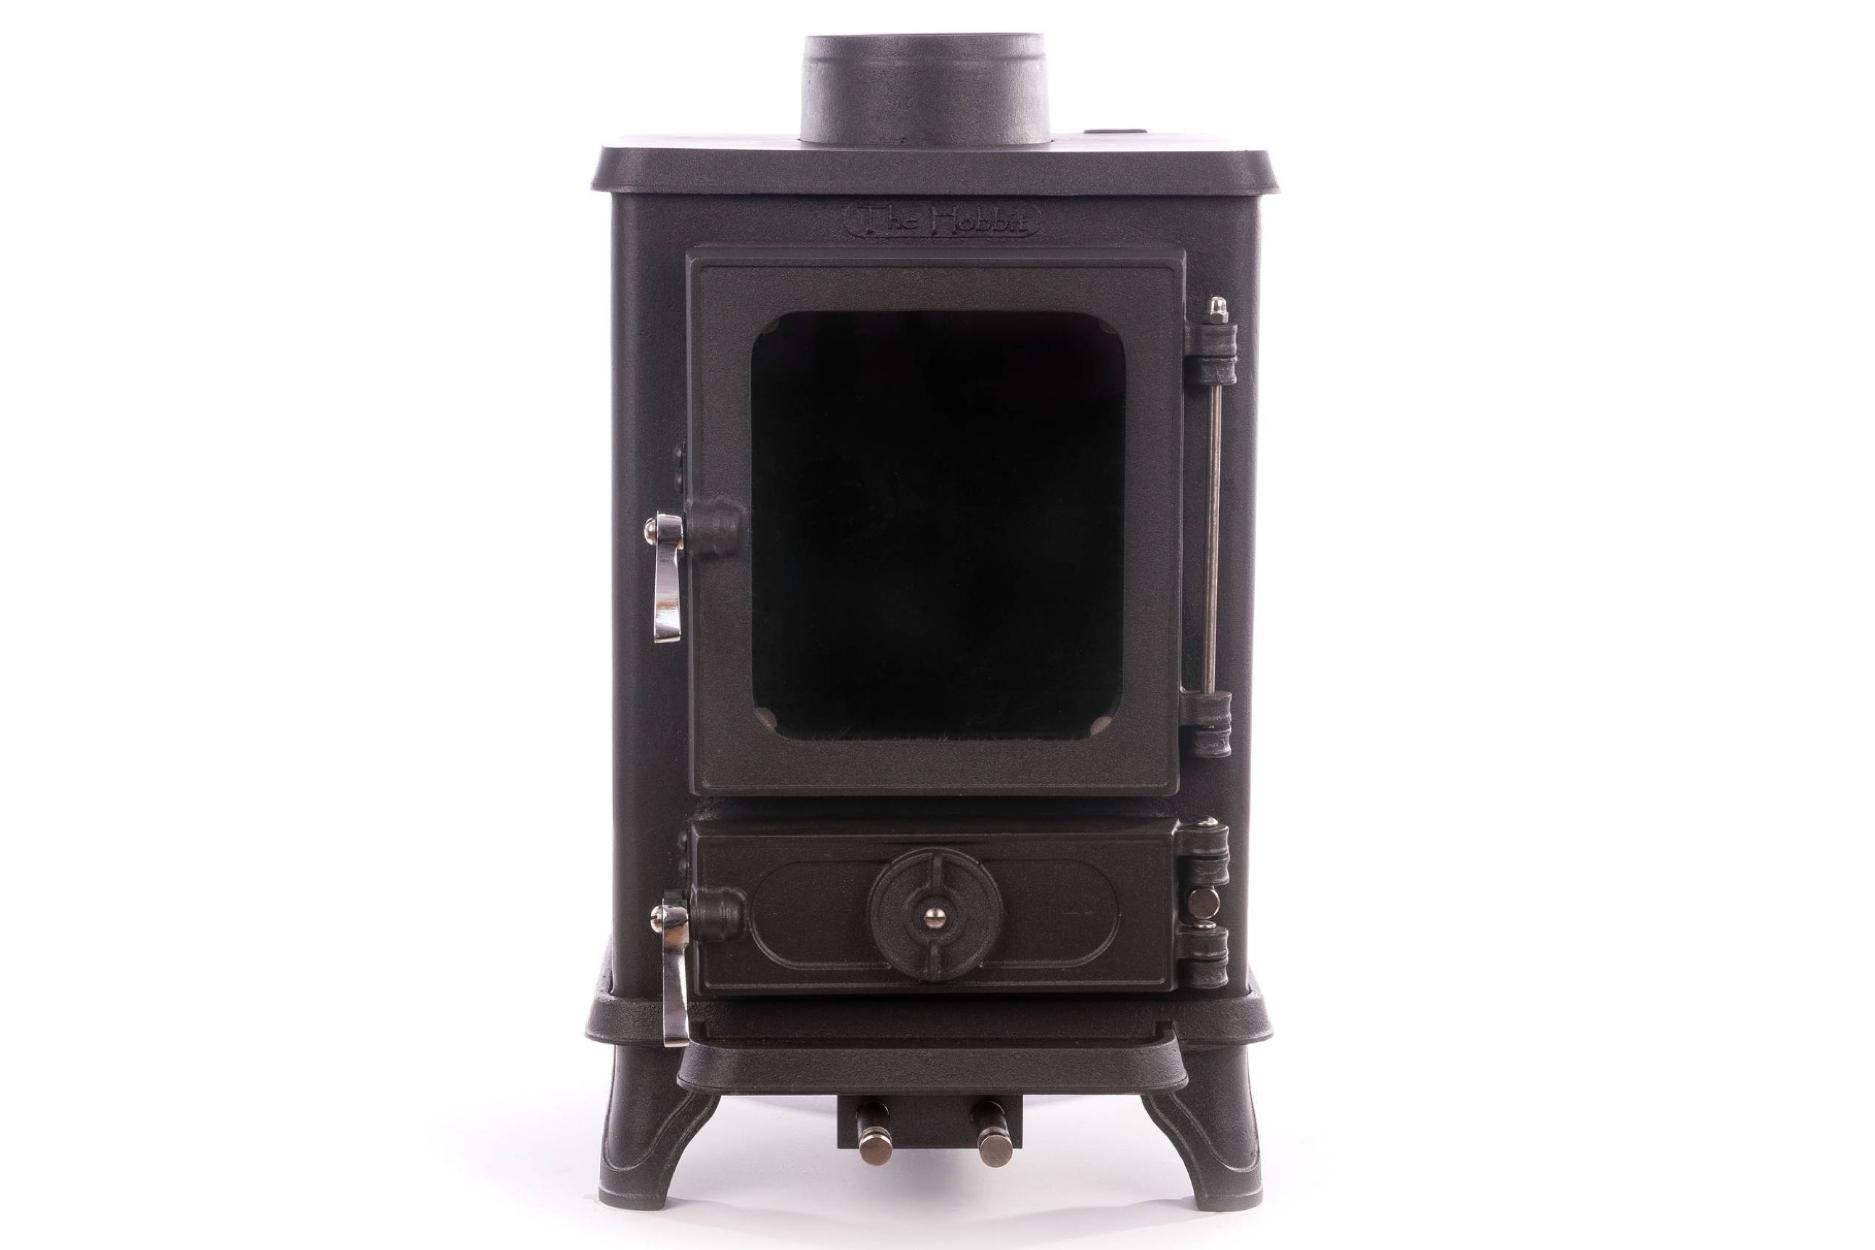 cubic grizzly mini stove u003cdiv class u003d